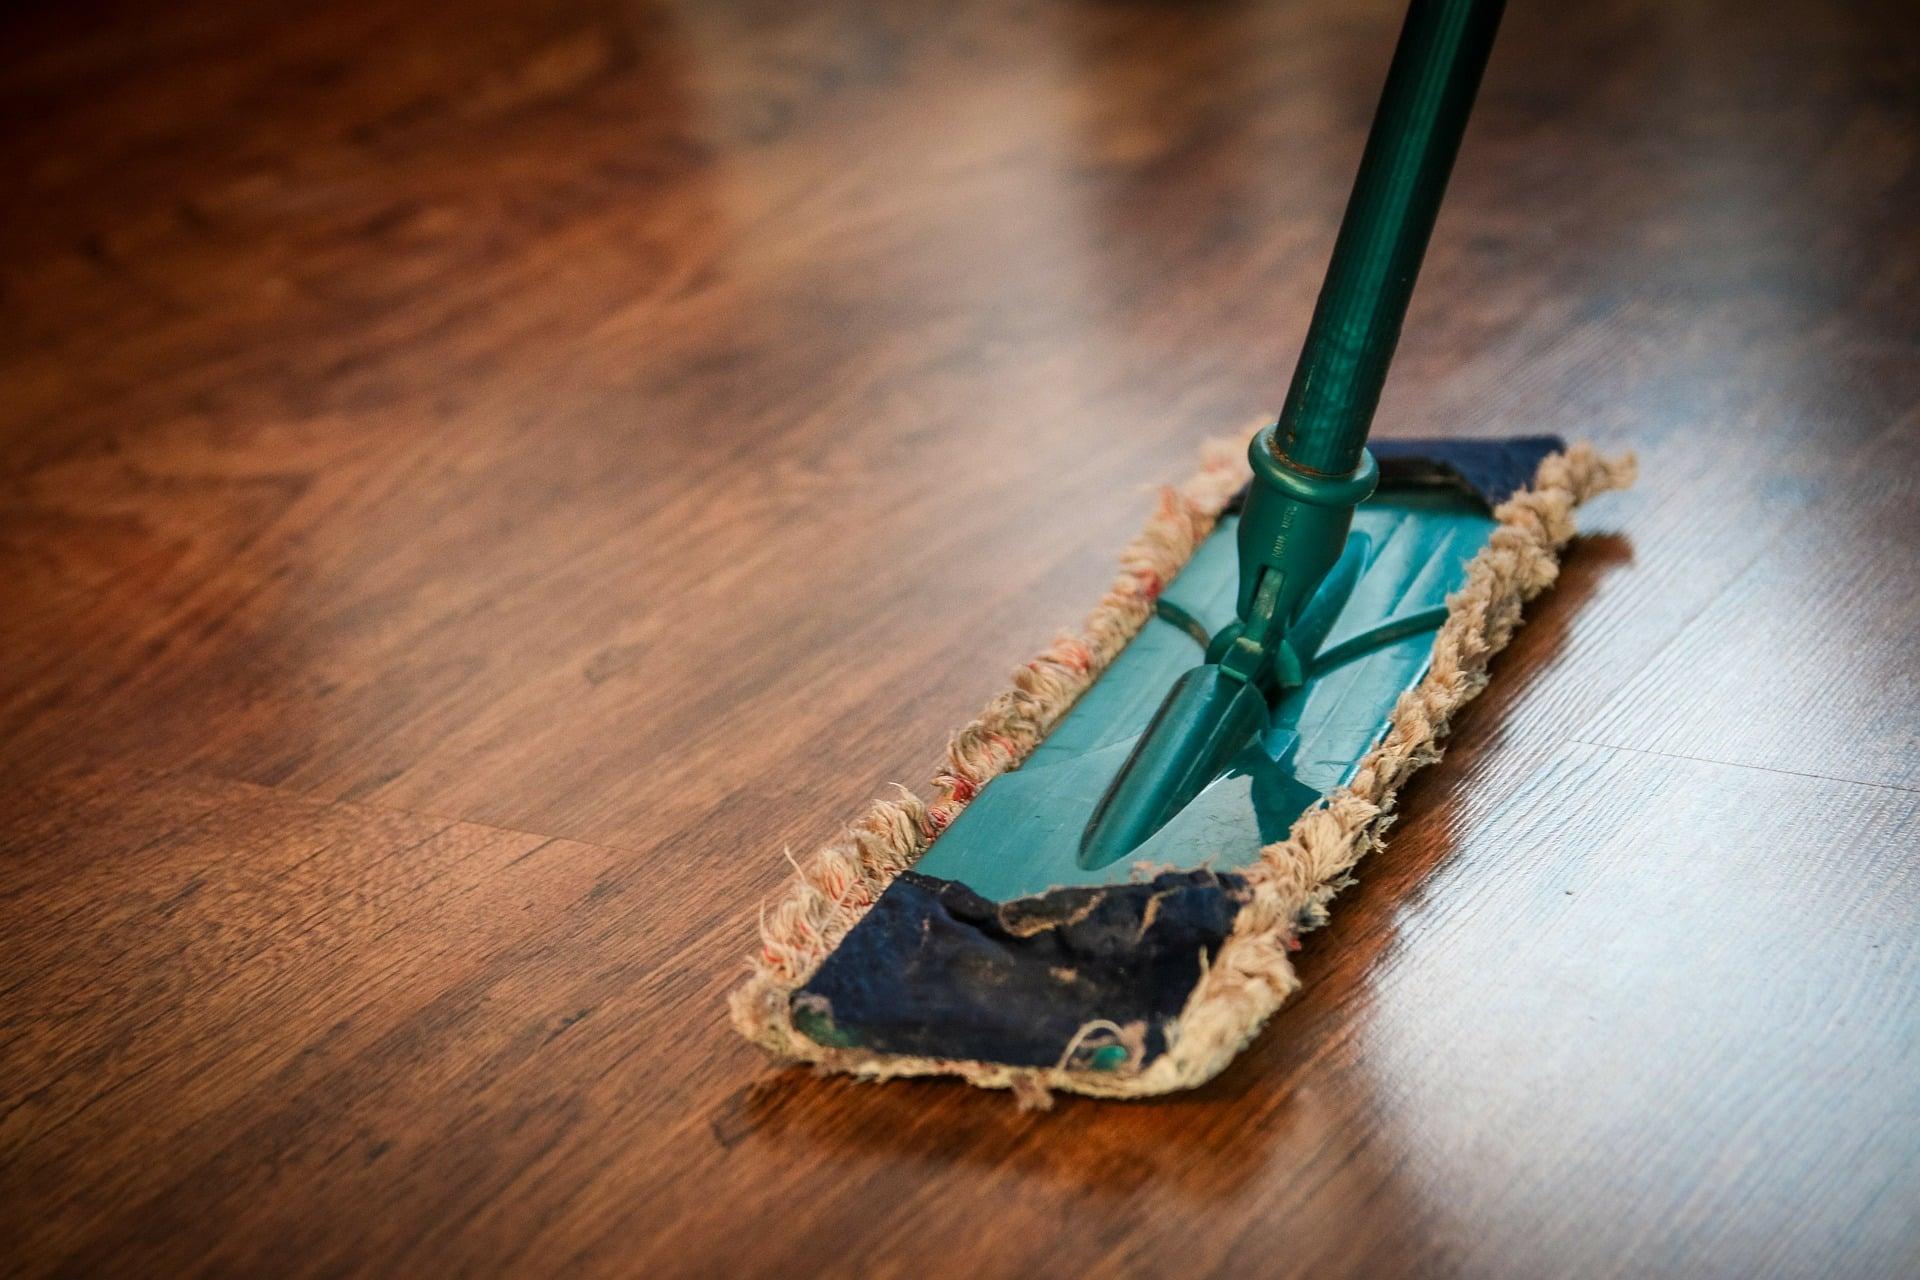 Les étapes pour créer une société de nettoyage